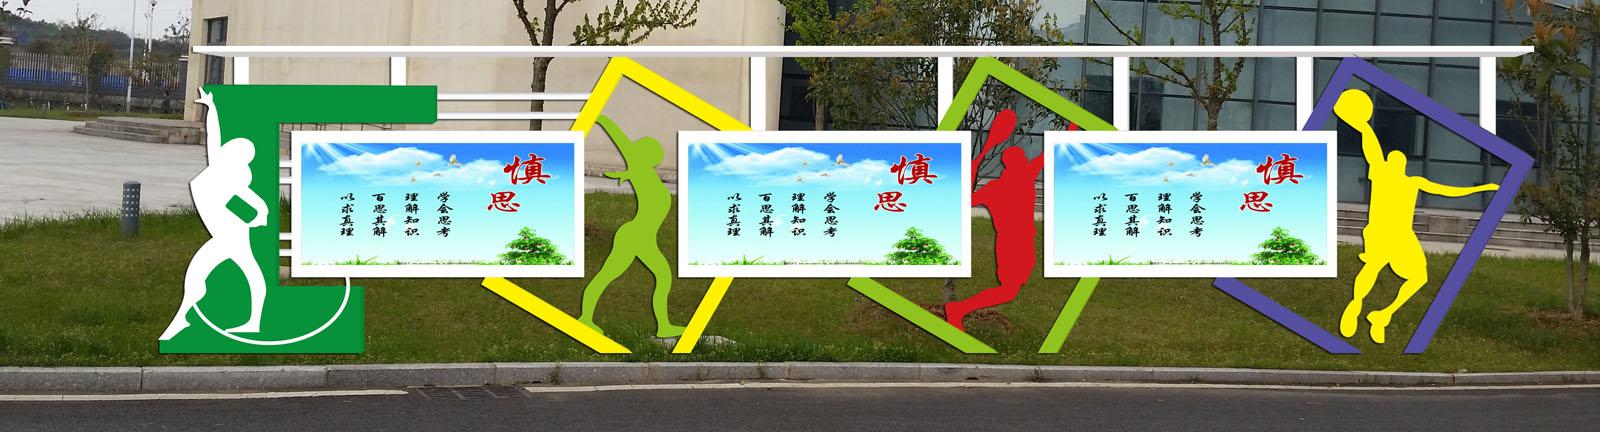 衢州公交候车亭